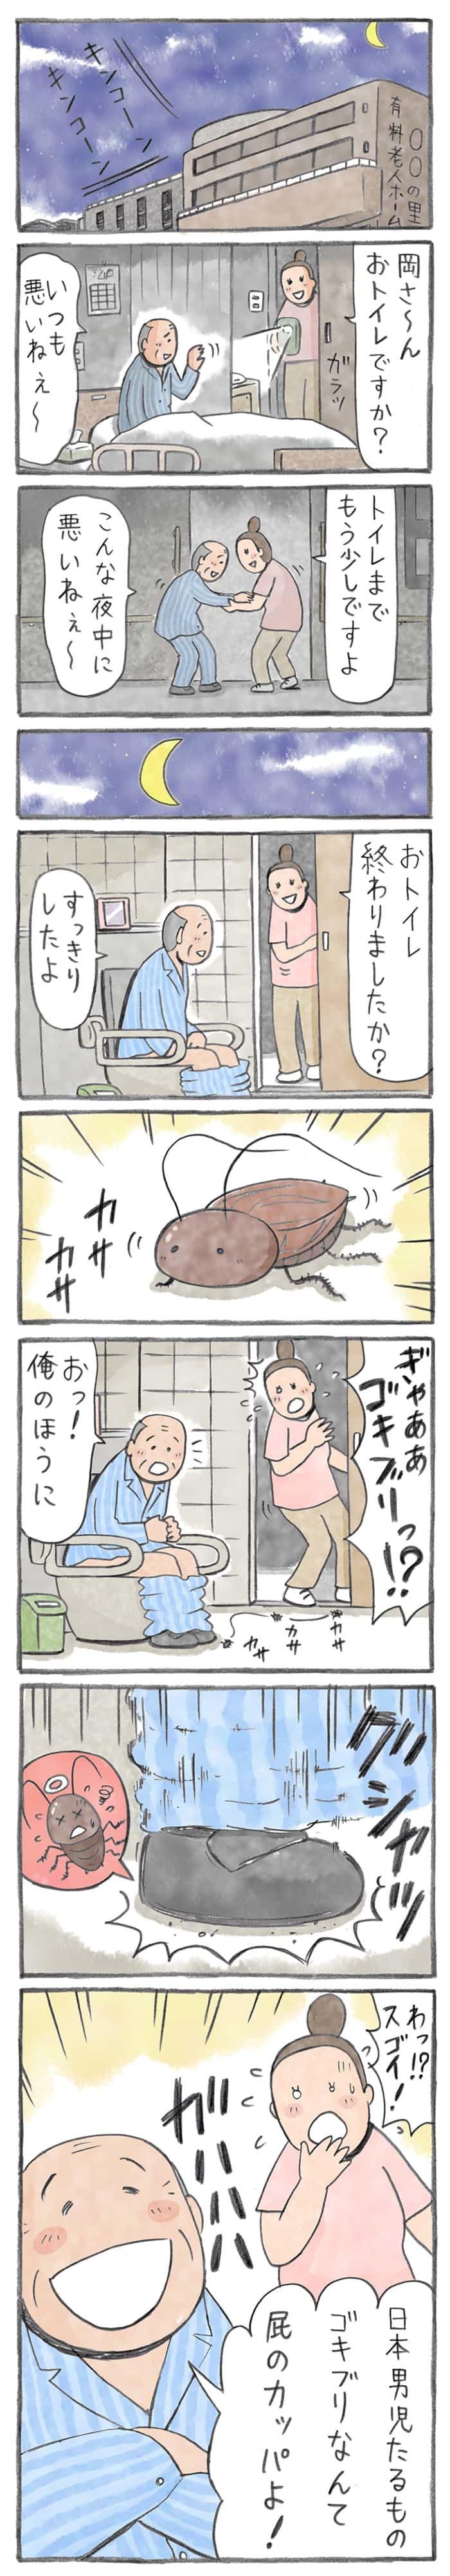 comictohoho_20200901_01.jpg